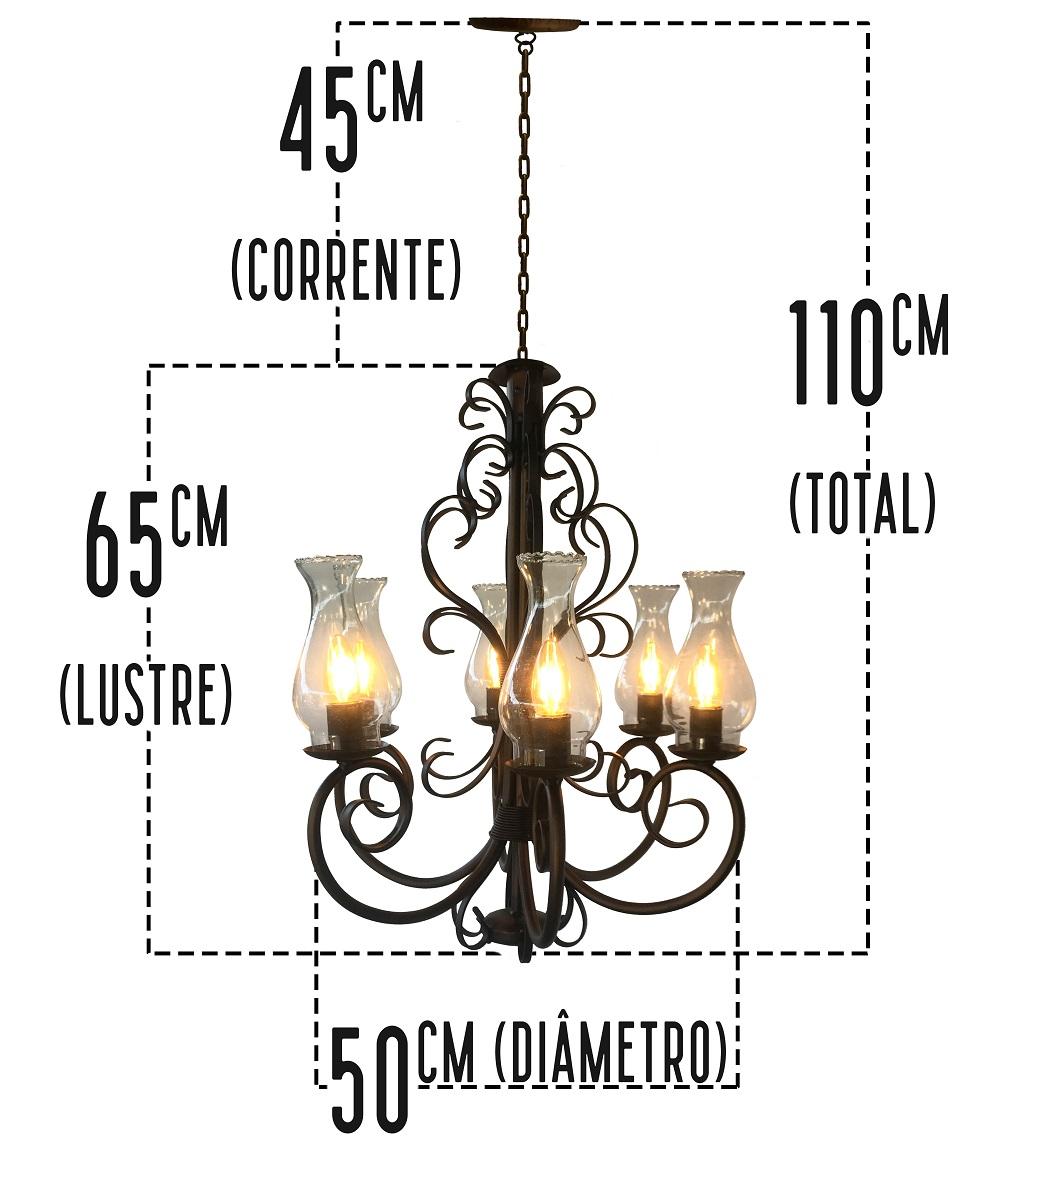 Luminária Rústica de De Ferro Artesanal Com Cúpulas De Vidro